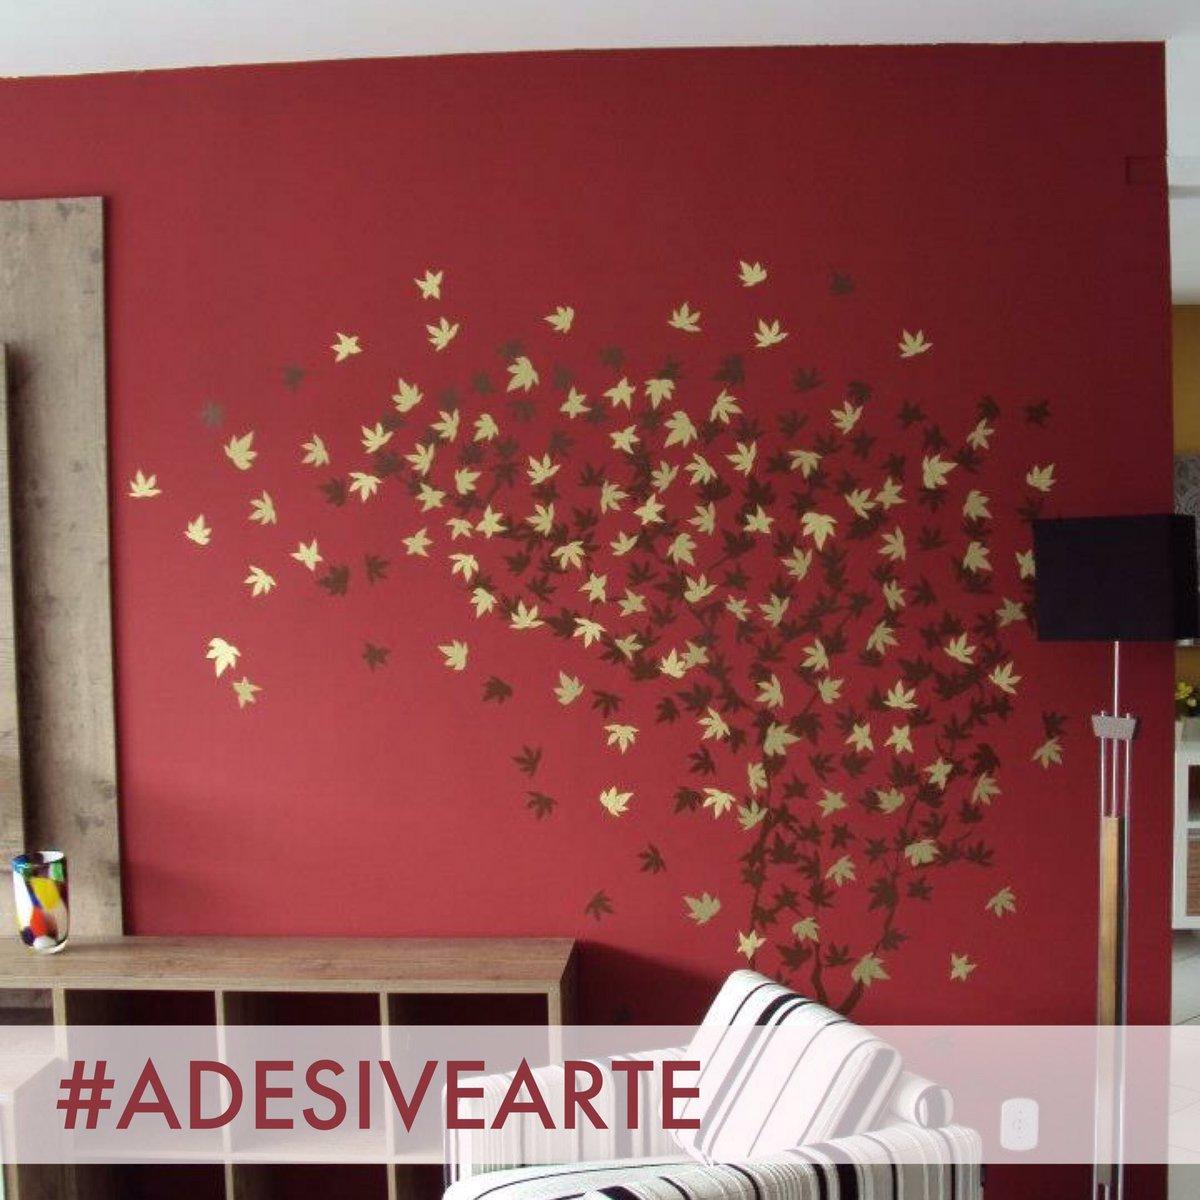 Mais sobre mim. I love mu job #designer #interiores #designerdeinteriores #adesivodeparede<br>http://pic.twitter.com/CZ7c4fJTmE